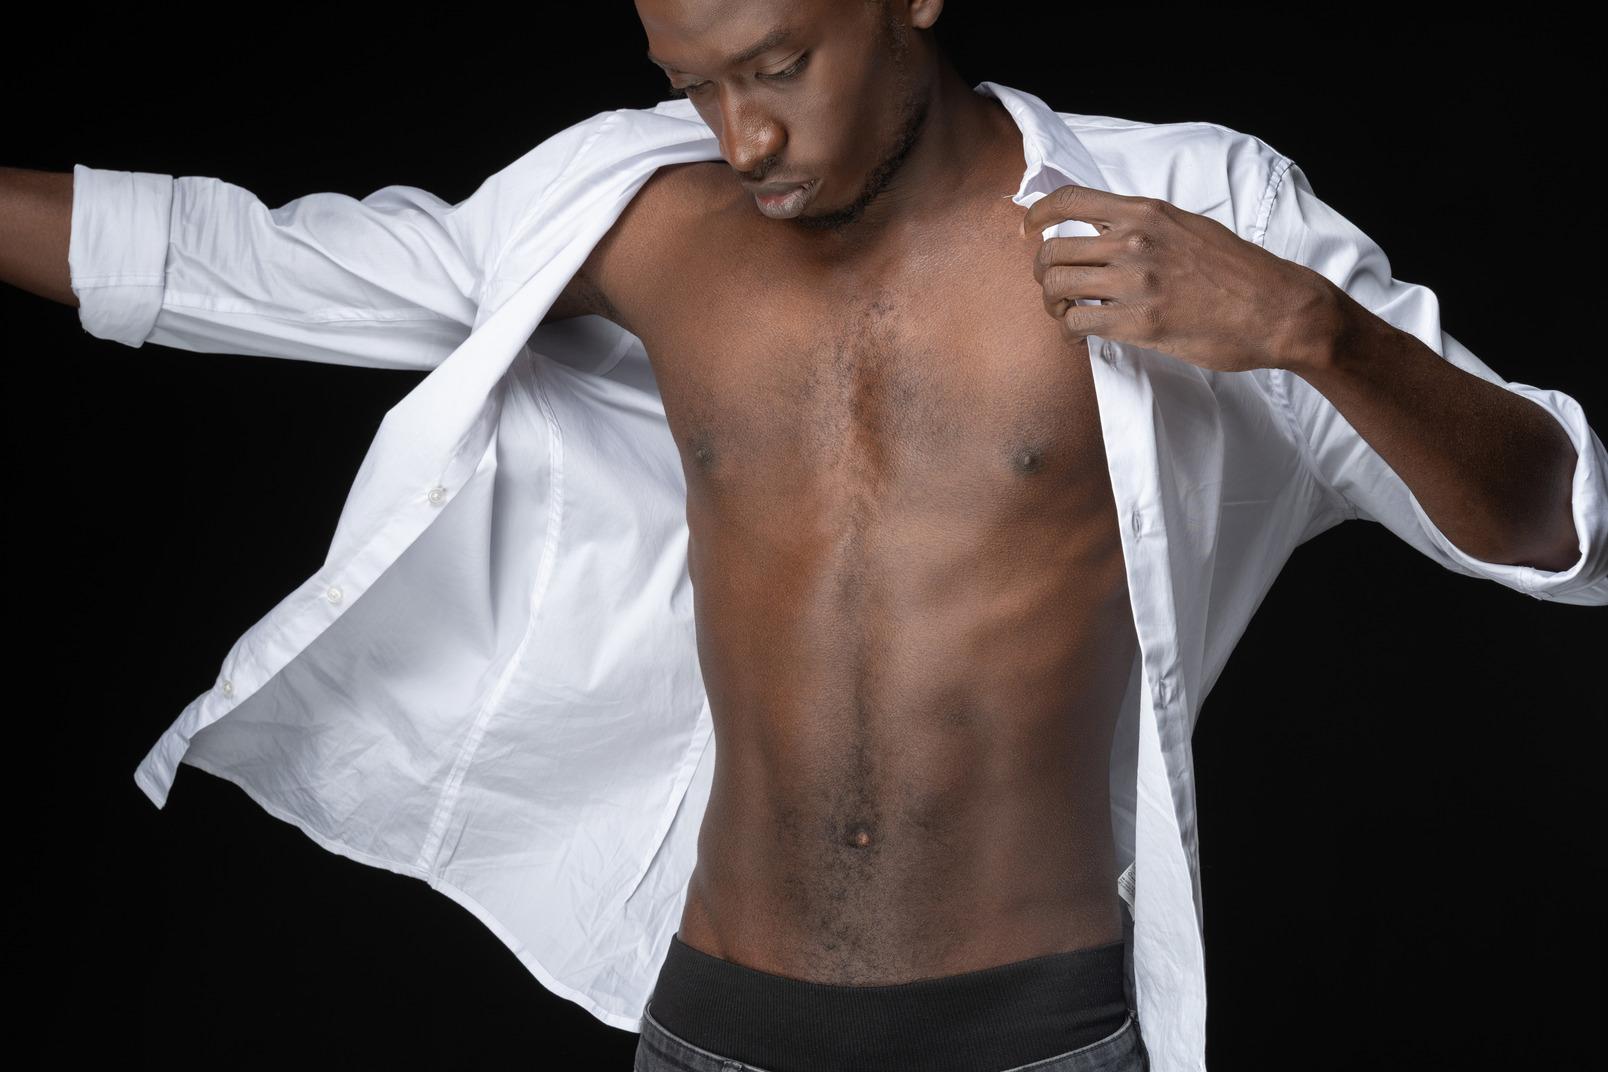 Kontrastbild eines jungen mannes, der im dunkeln einen weißen schuss anlegt